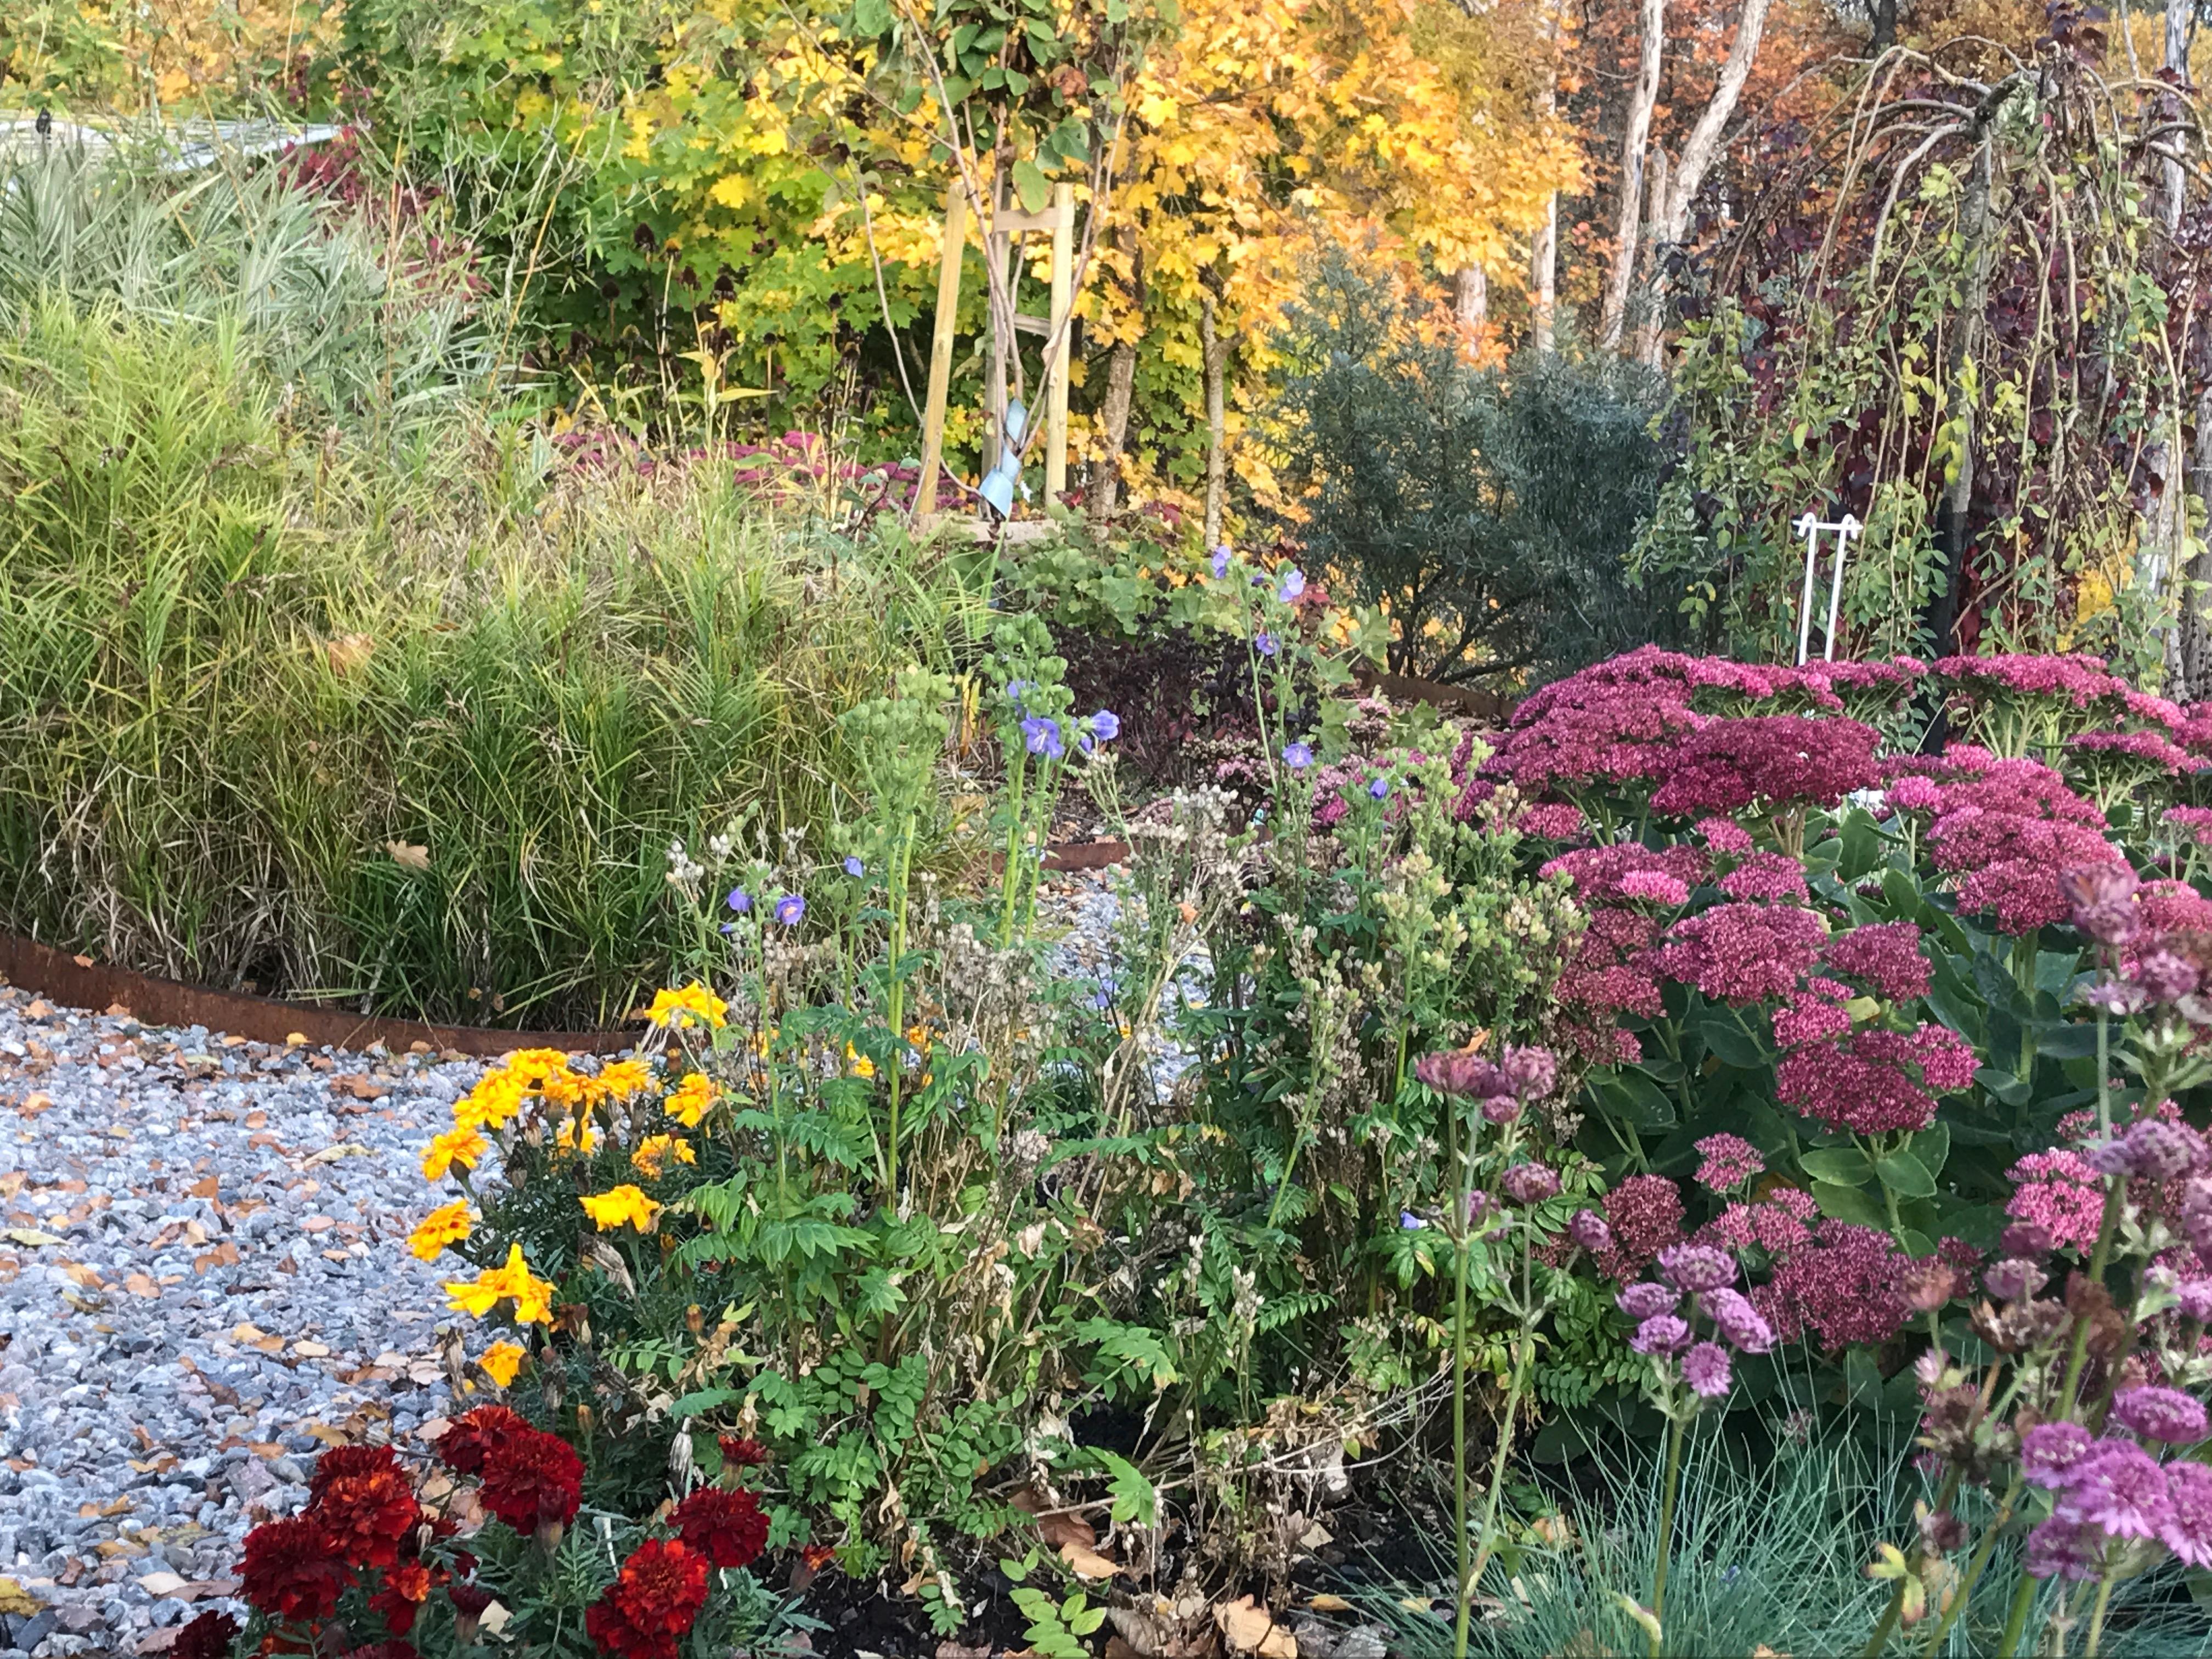 Höstbild från trädgården